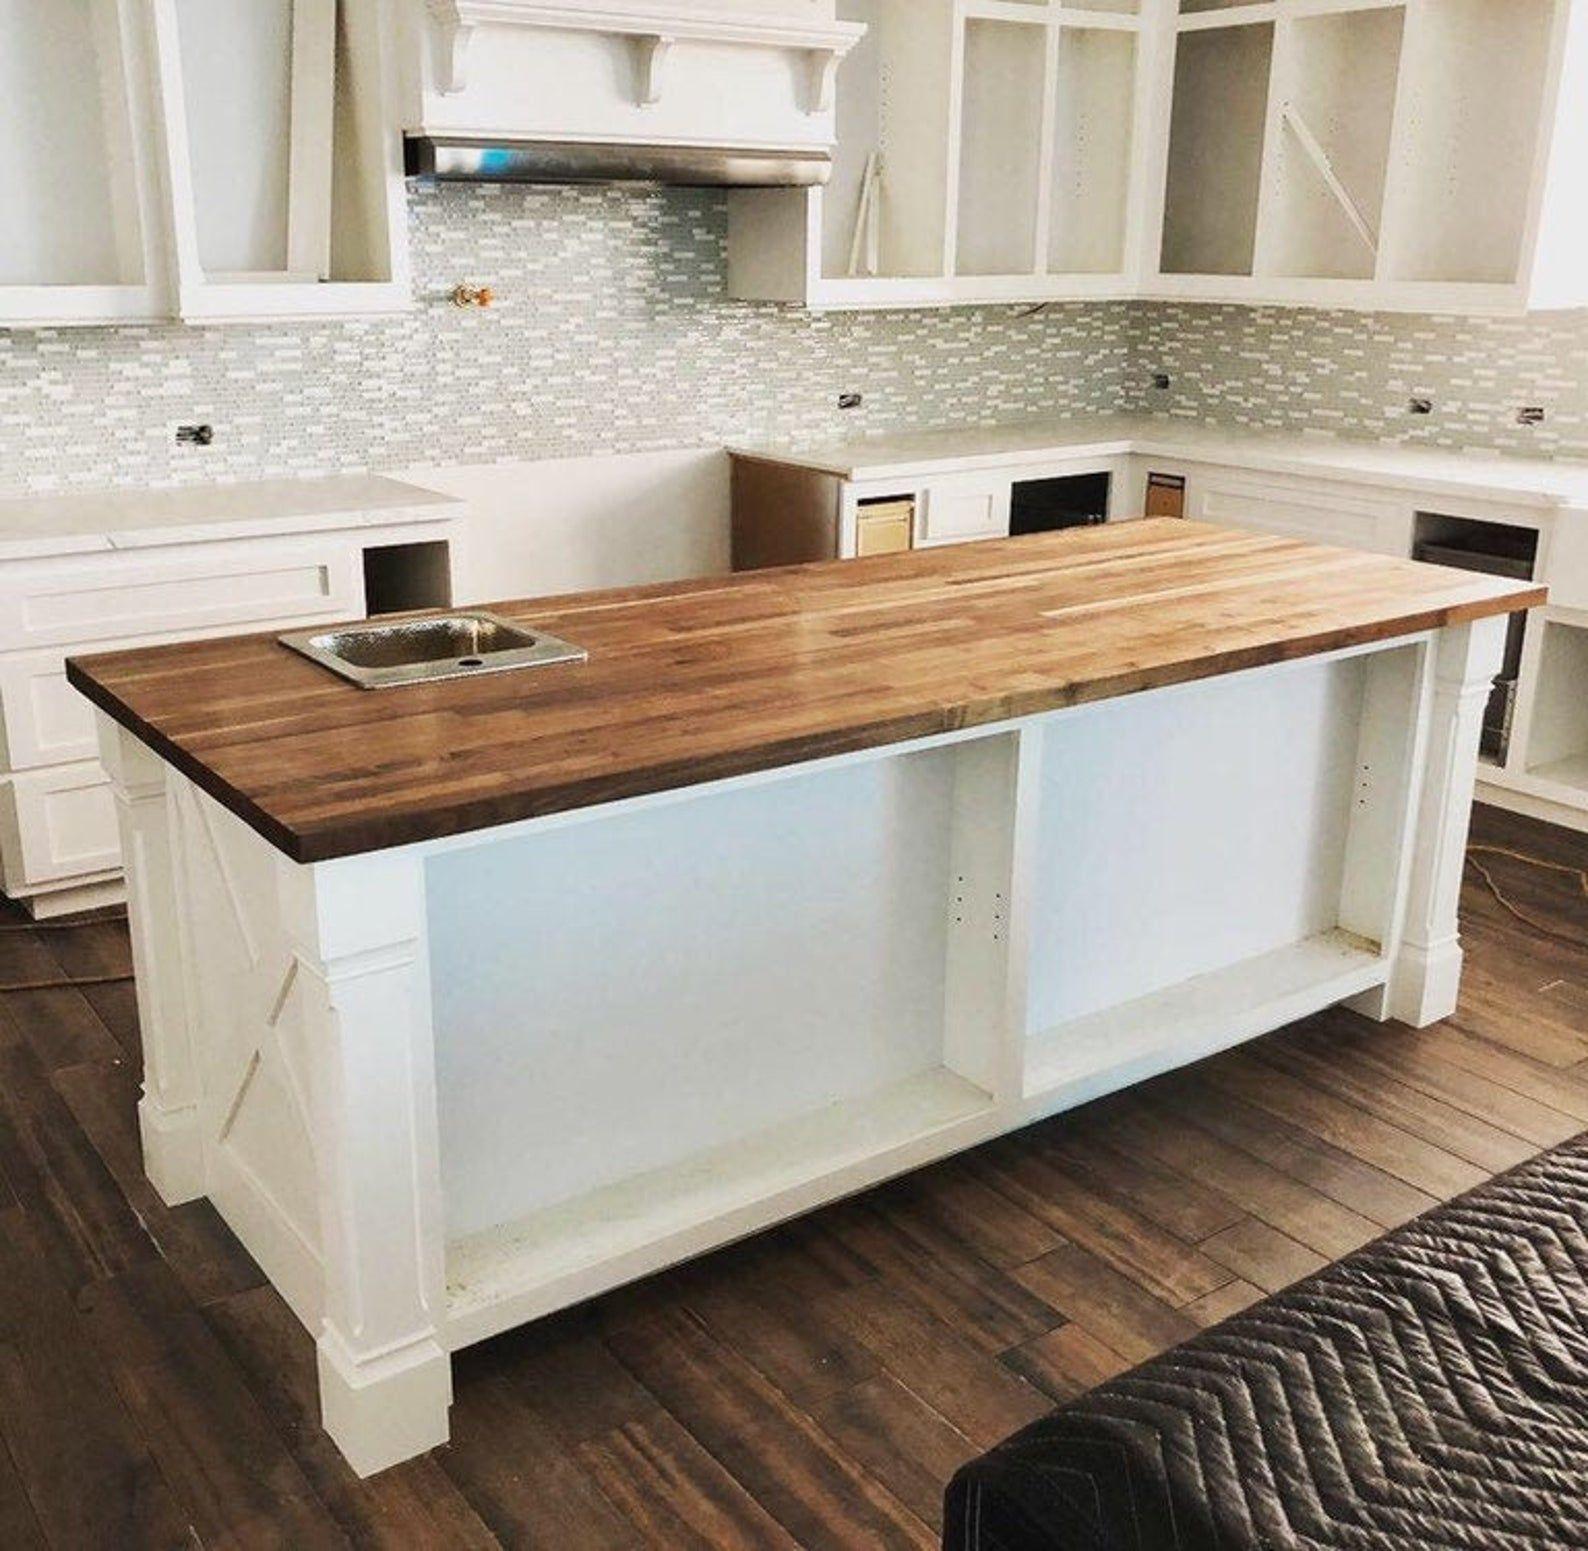 Butcher Block In 2020 Butcher Block Countertops Kitchen Butcher Block Countertops White Cabinets Butcher Block Island Kitchen